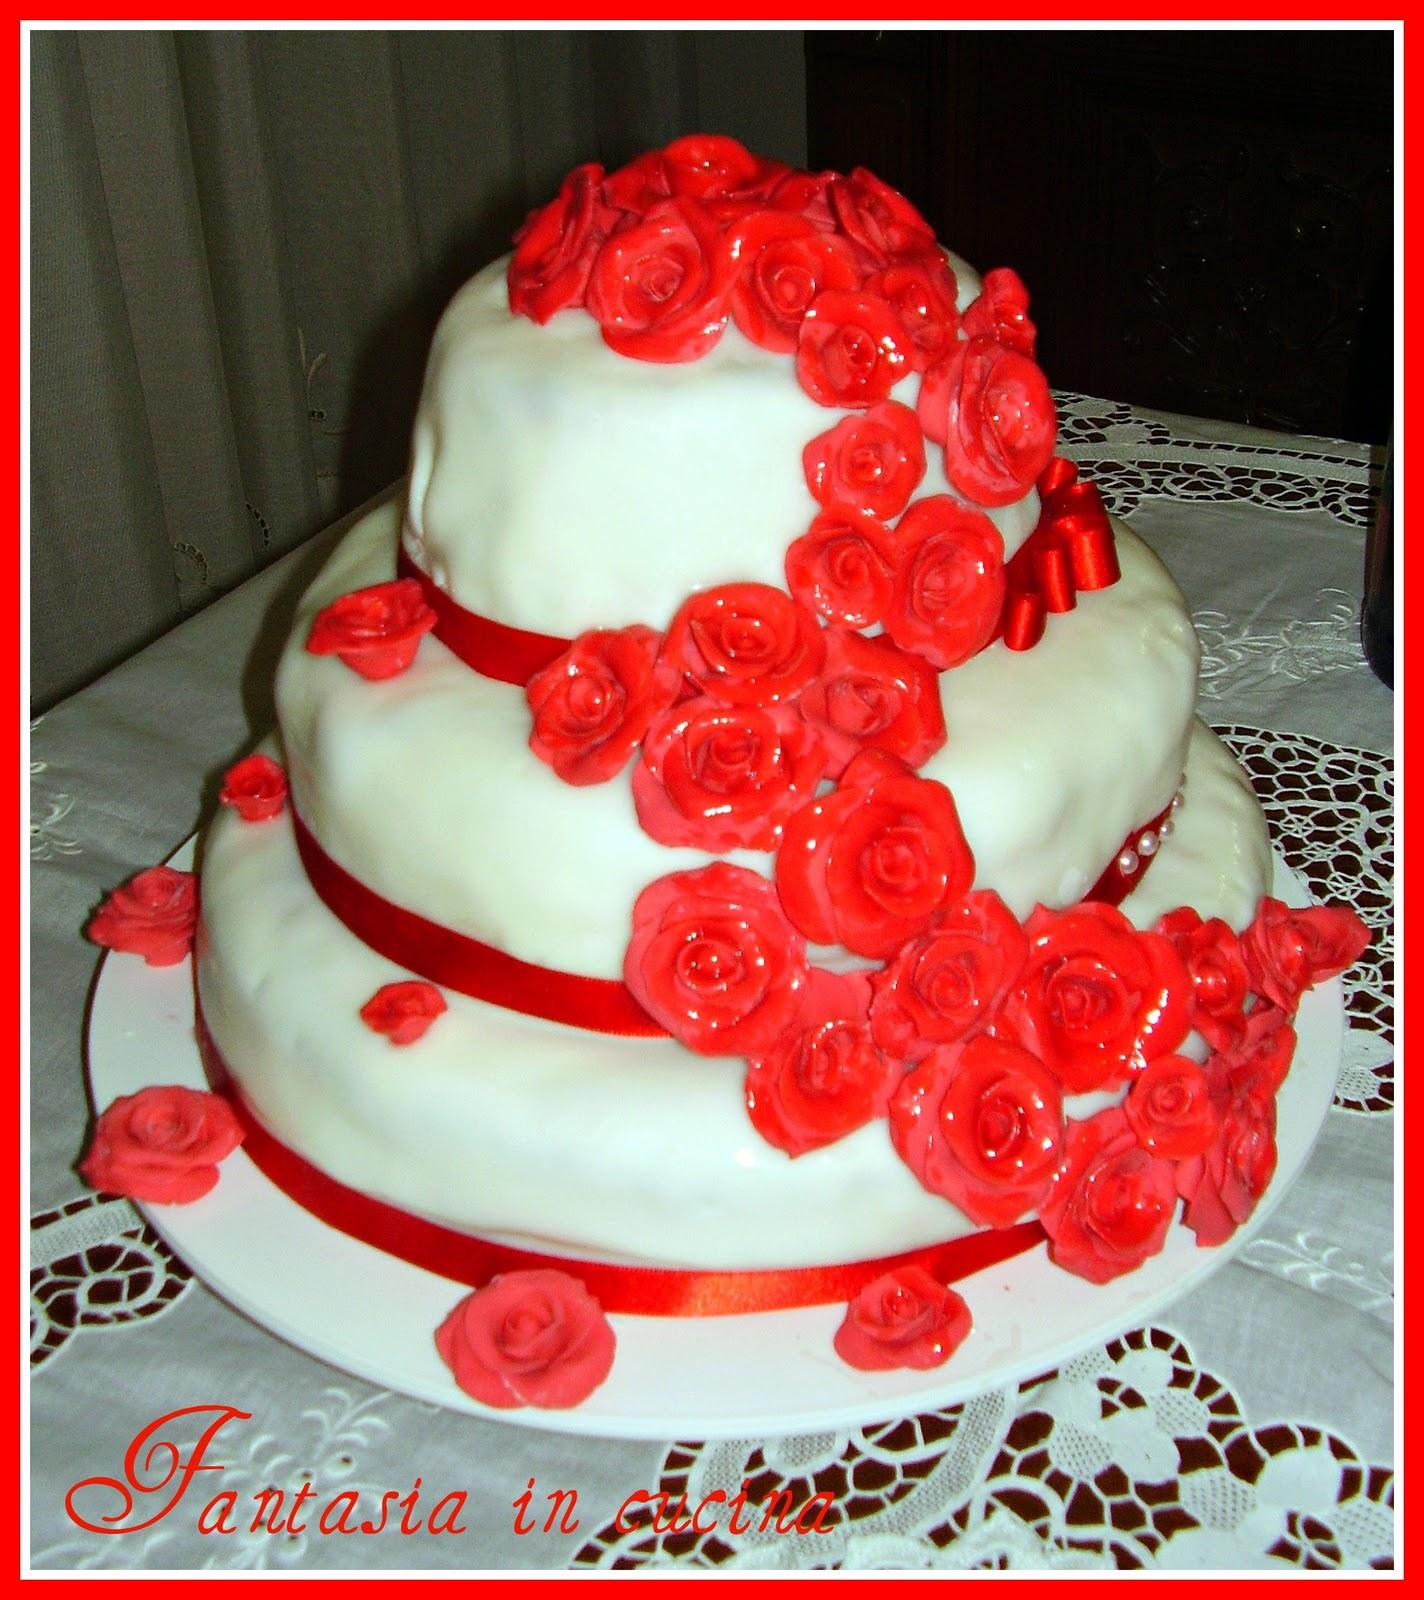 Fantasia in cucina torta rose rosse per compleanno 30 anni for Disegna i tuoi piani architettonici